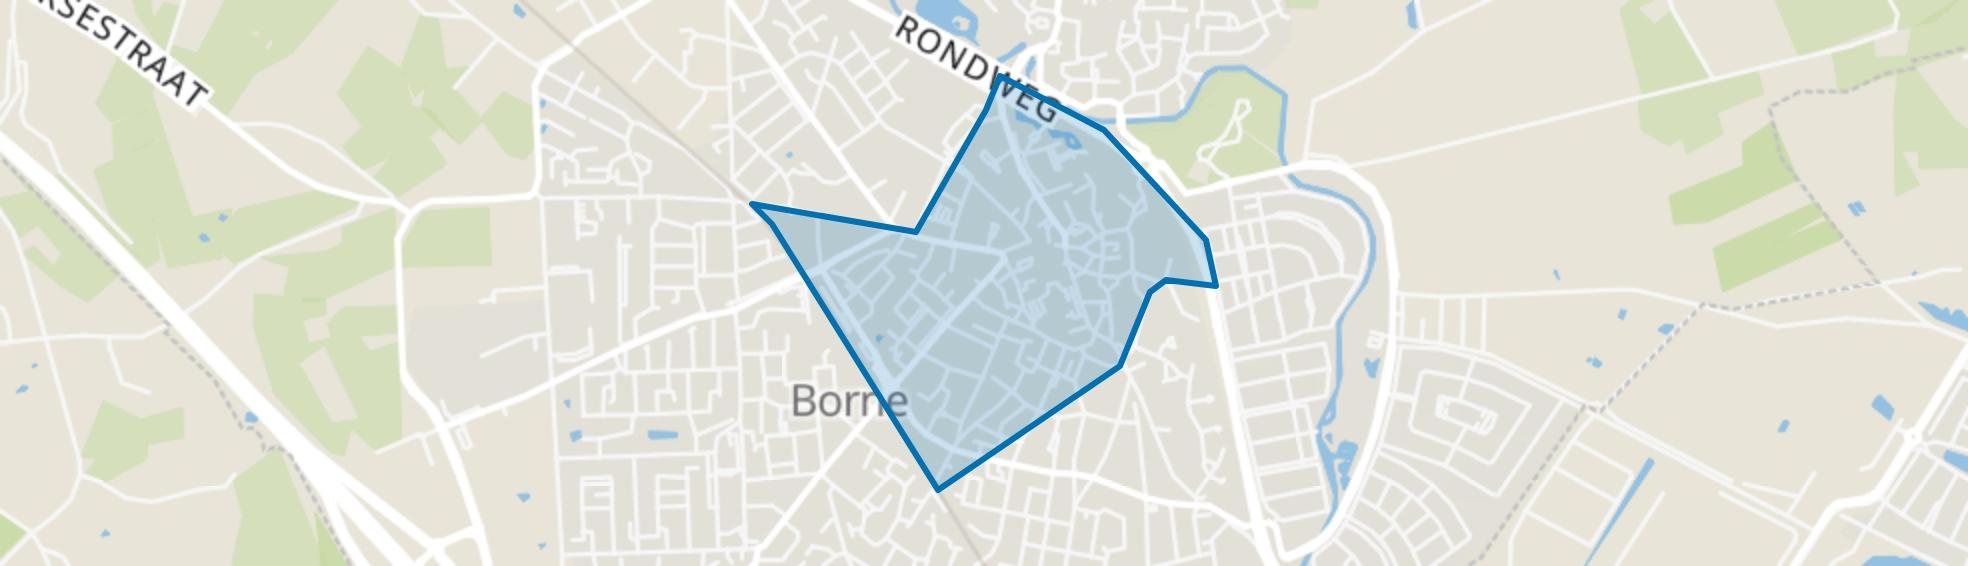 Borne Centrum, Borne map